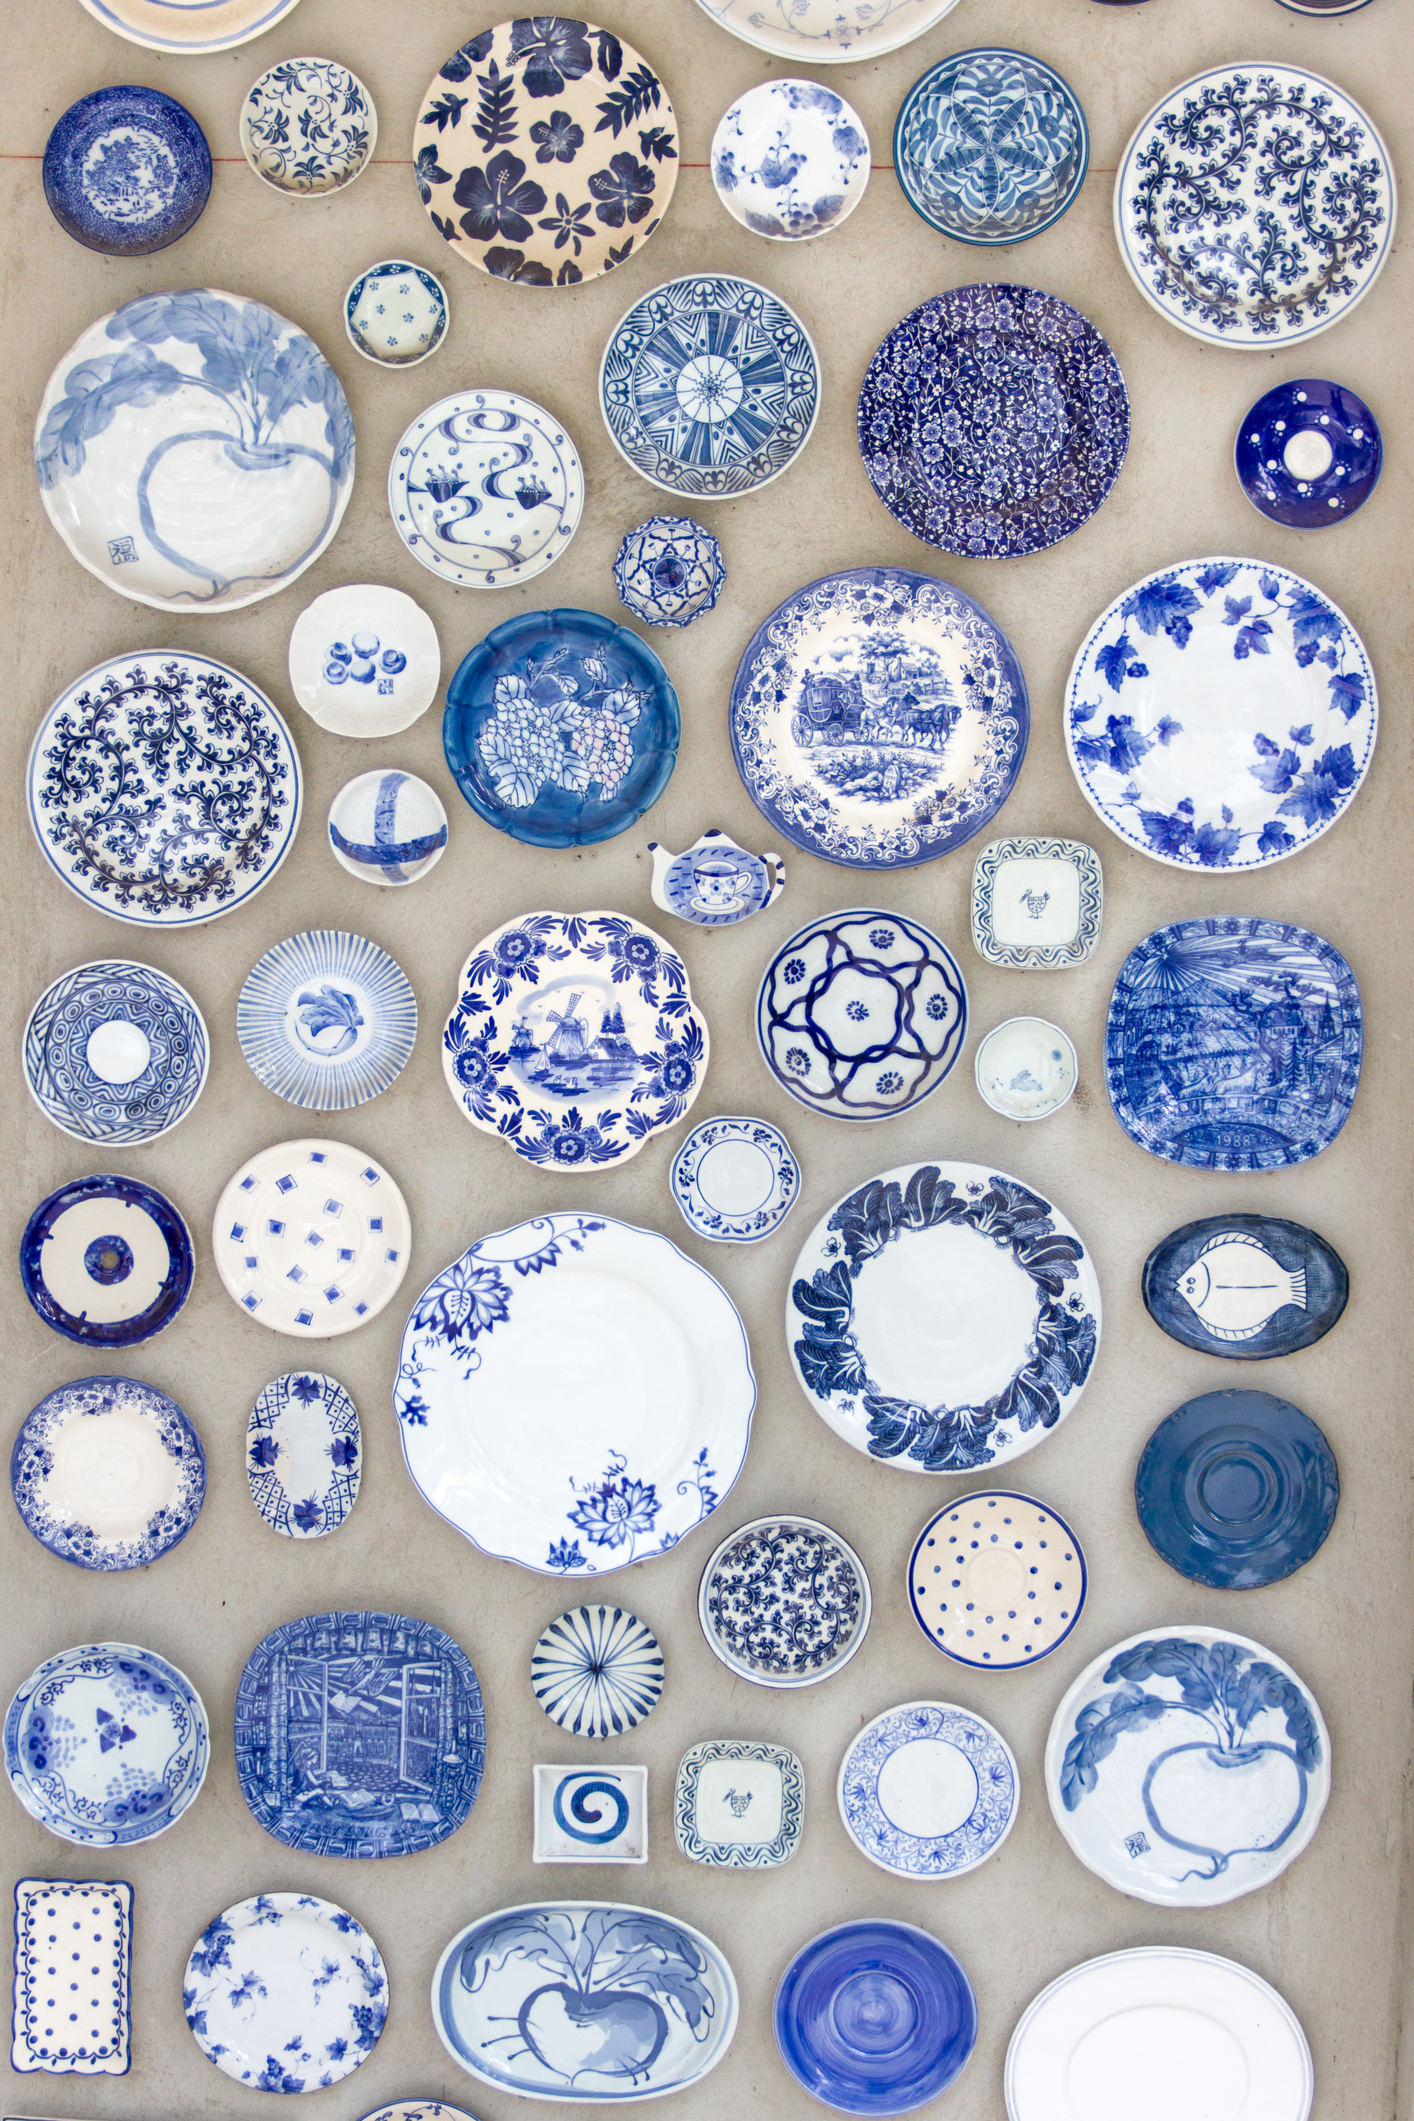 Продължаваме с порцелановите изделия. Декоративни чинии за стена. Красиви, интересни и много разчупващи стандартните картини с пейзажи.